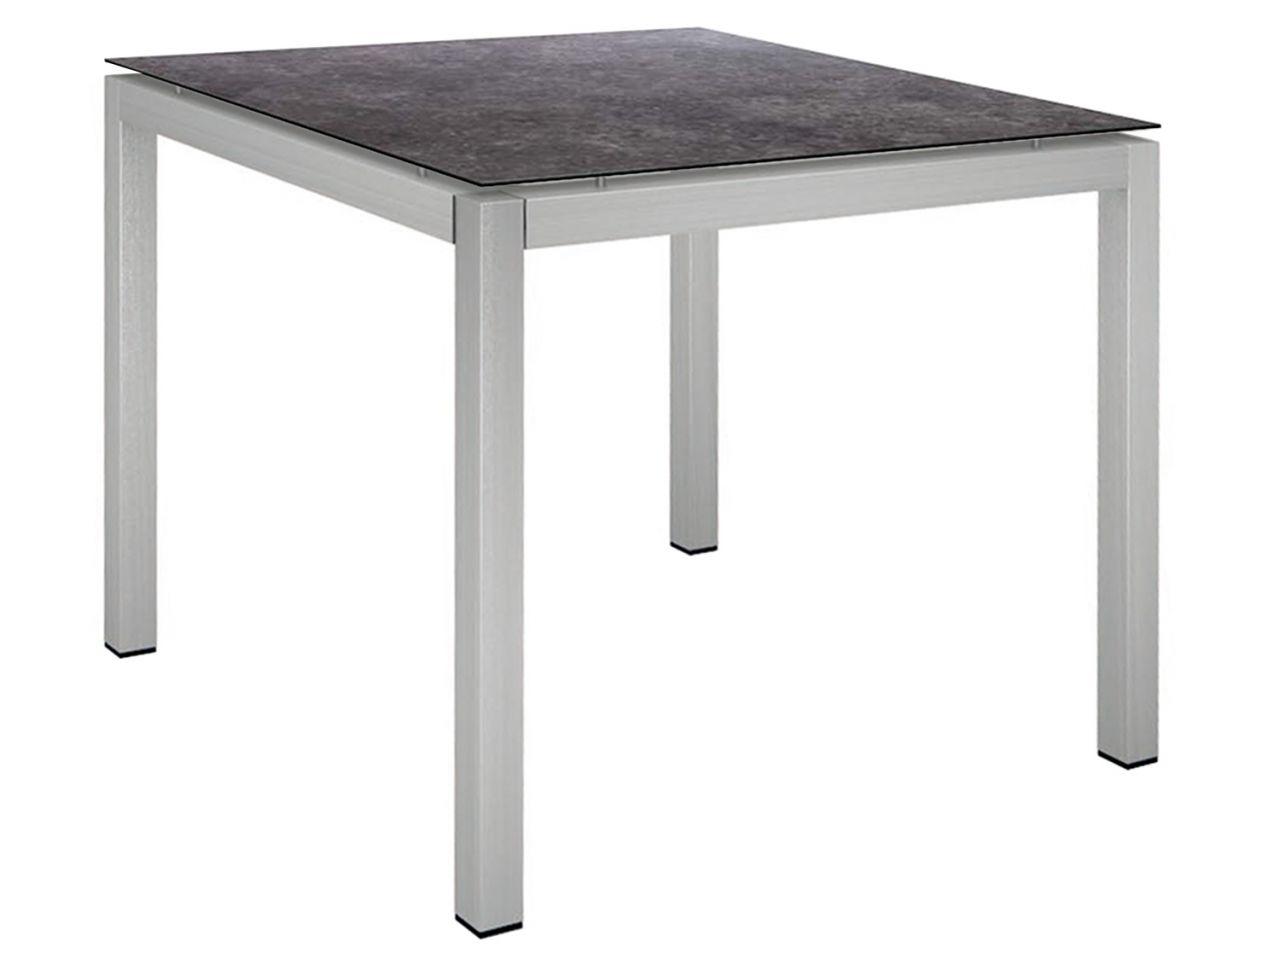 Stern Gartentisch 90x90cm Edelstahl Vierkantrohr / Vintage grau